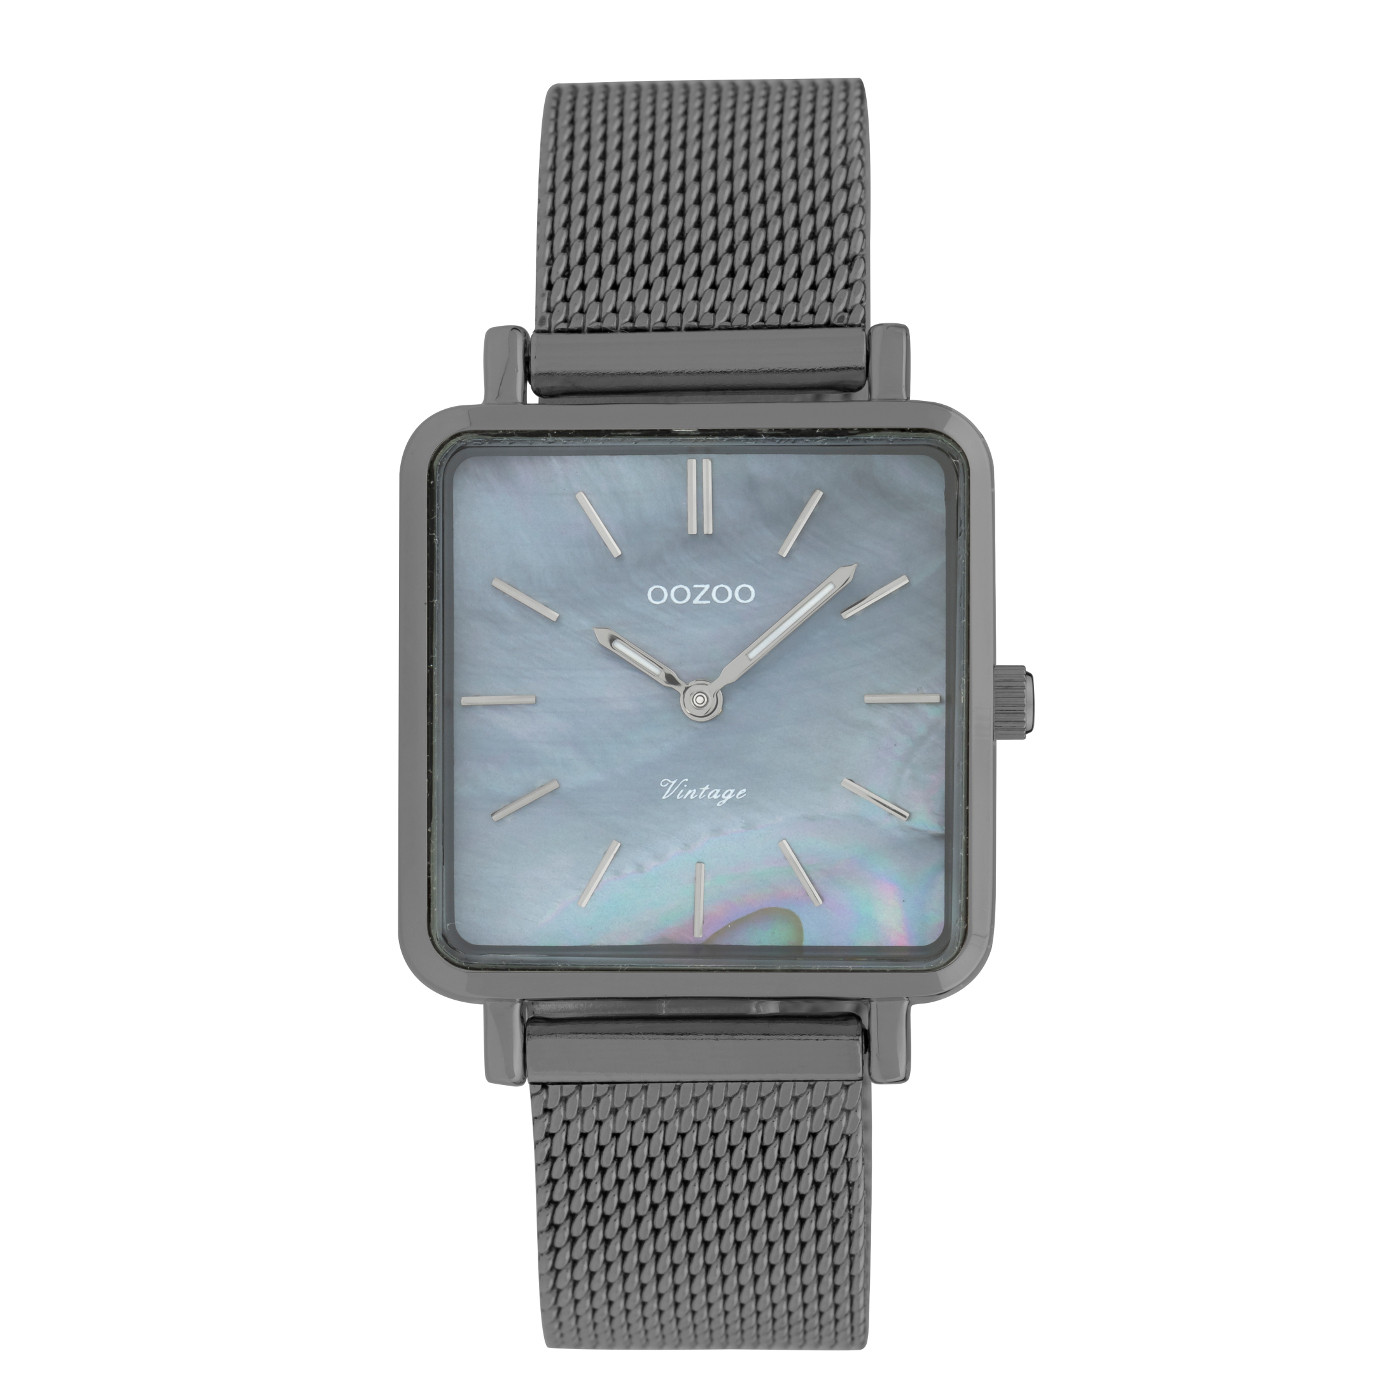 OOZOO Vintage Titanium horloge C9849 (29 mm)